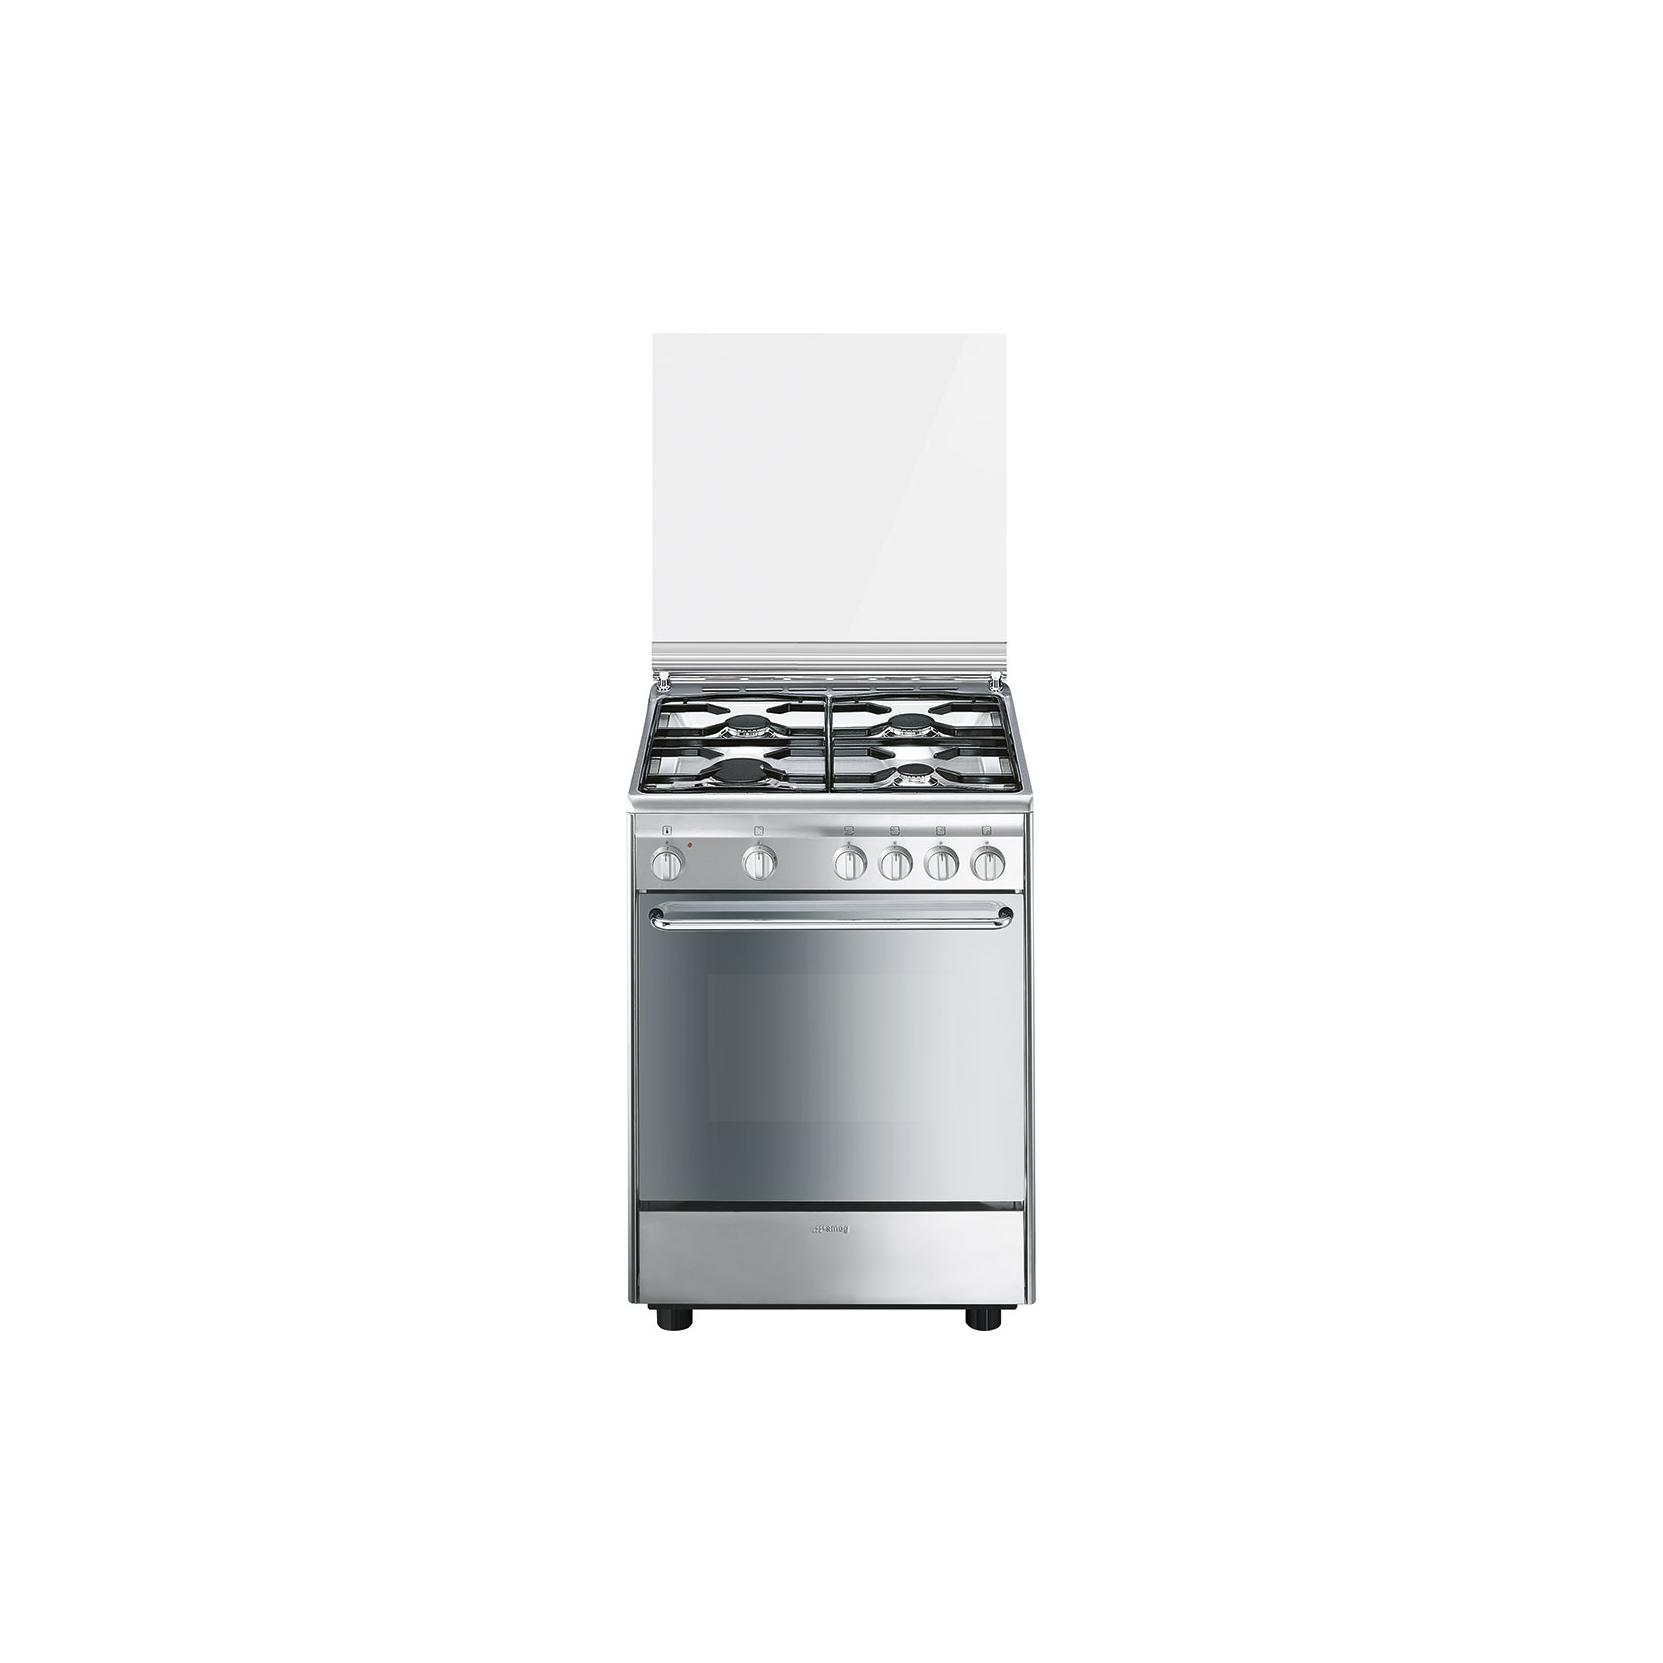 Cucina smeg cx6sv9 inox 60 60 4 f forno elettrico 6 funzioni promozione elettrovillage - Cucine ariston forno elettrico ...